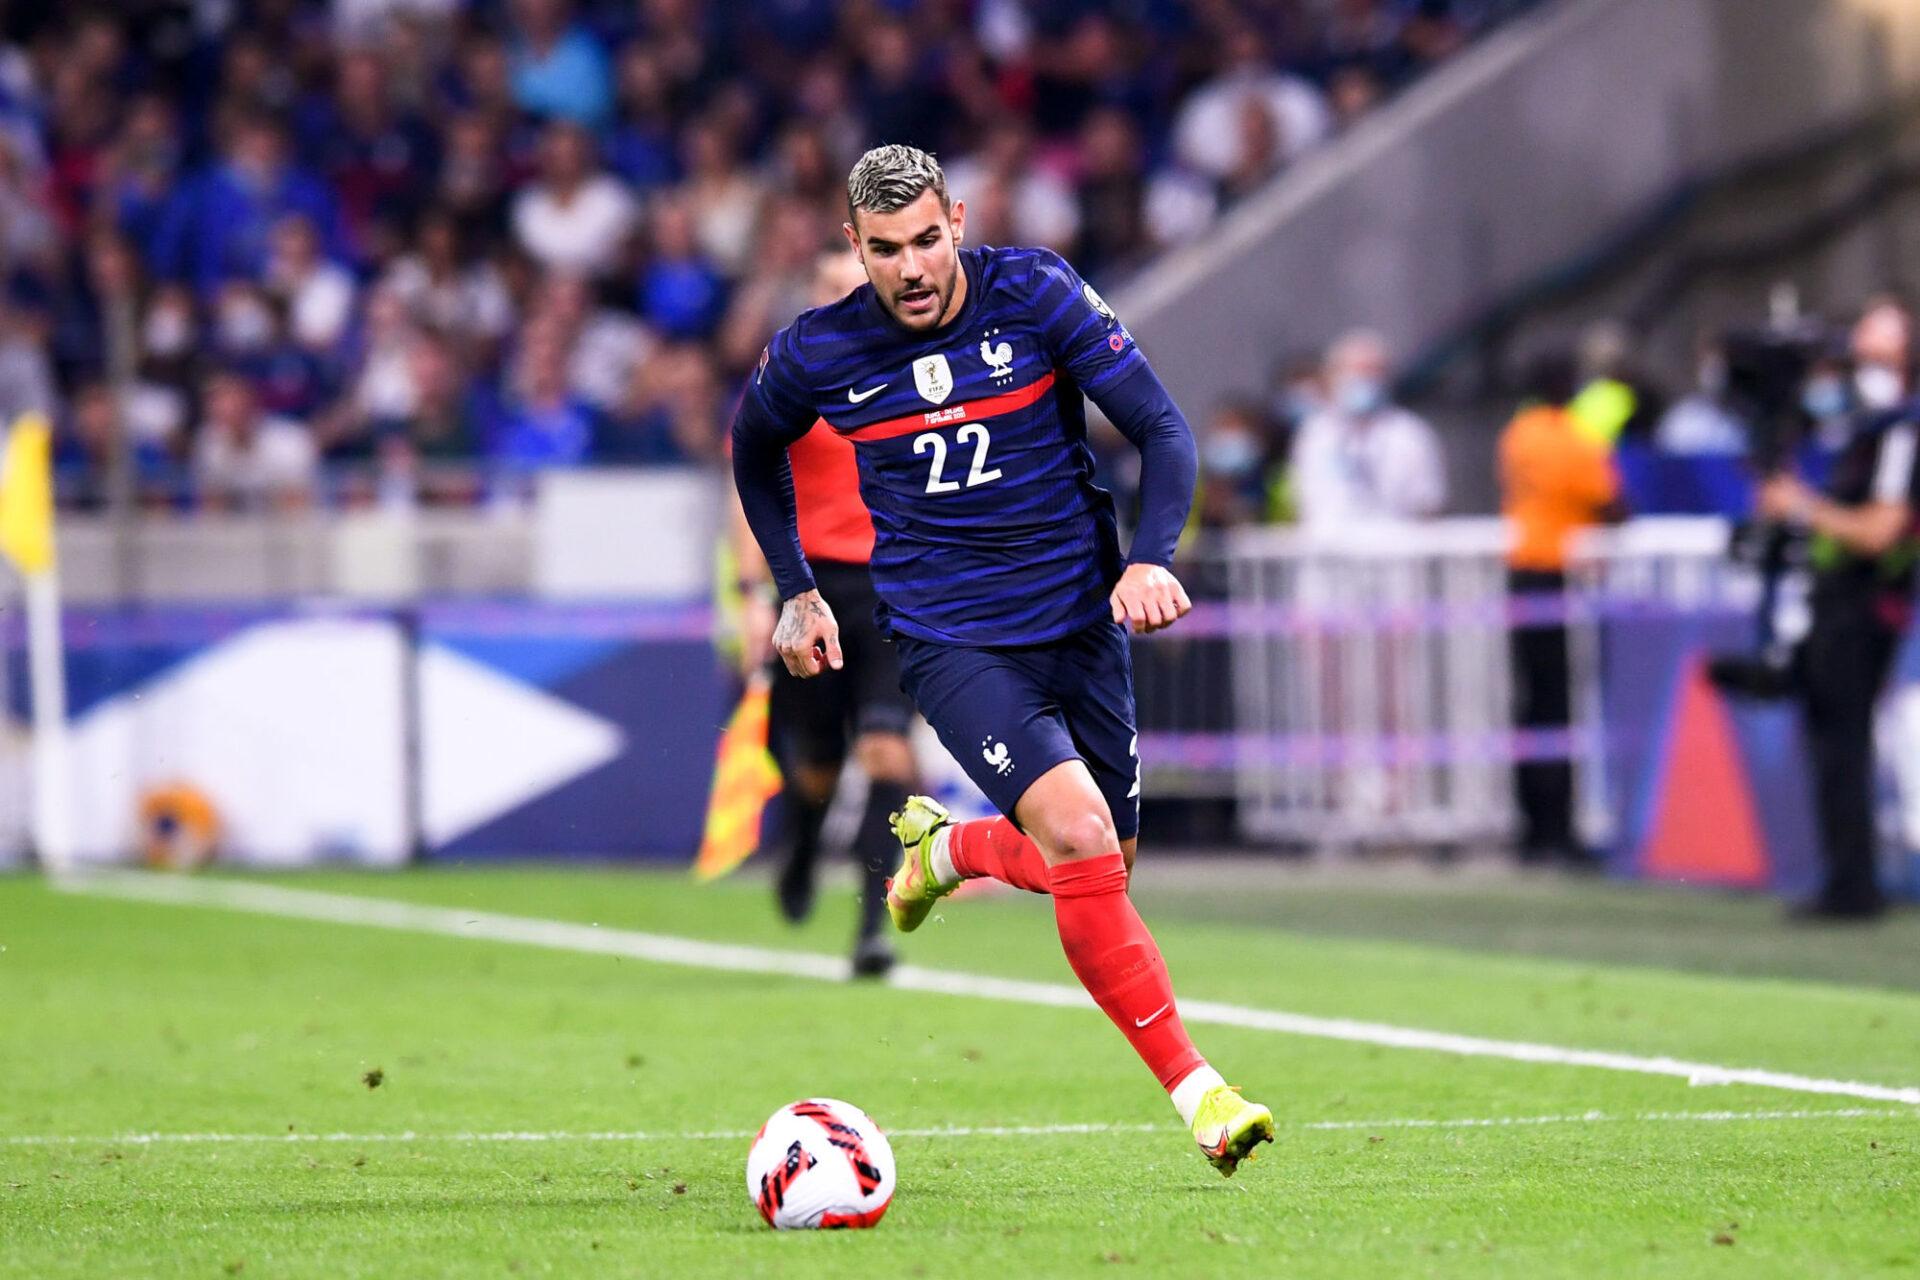 Théo Hernandez a été rayonnant contre la Finlande lors de sa première sélection, mais il doit encore confirmer au niveau international. Icon Sport